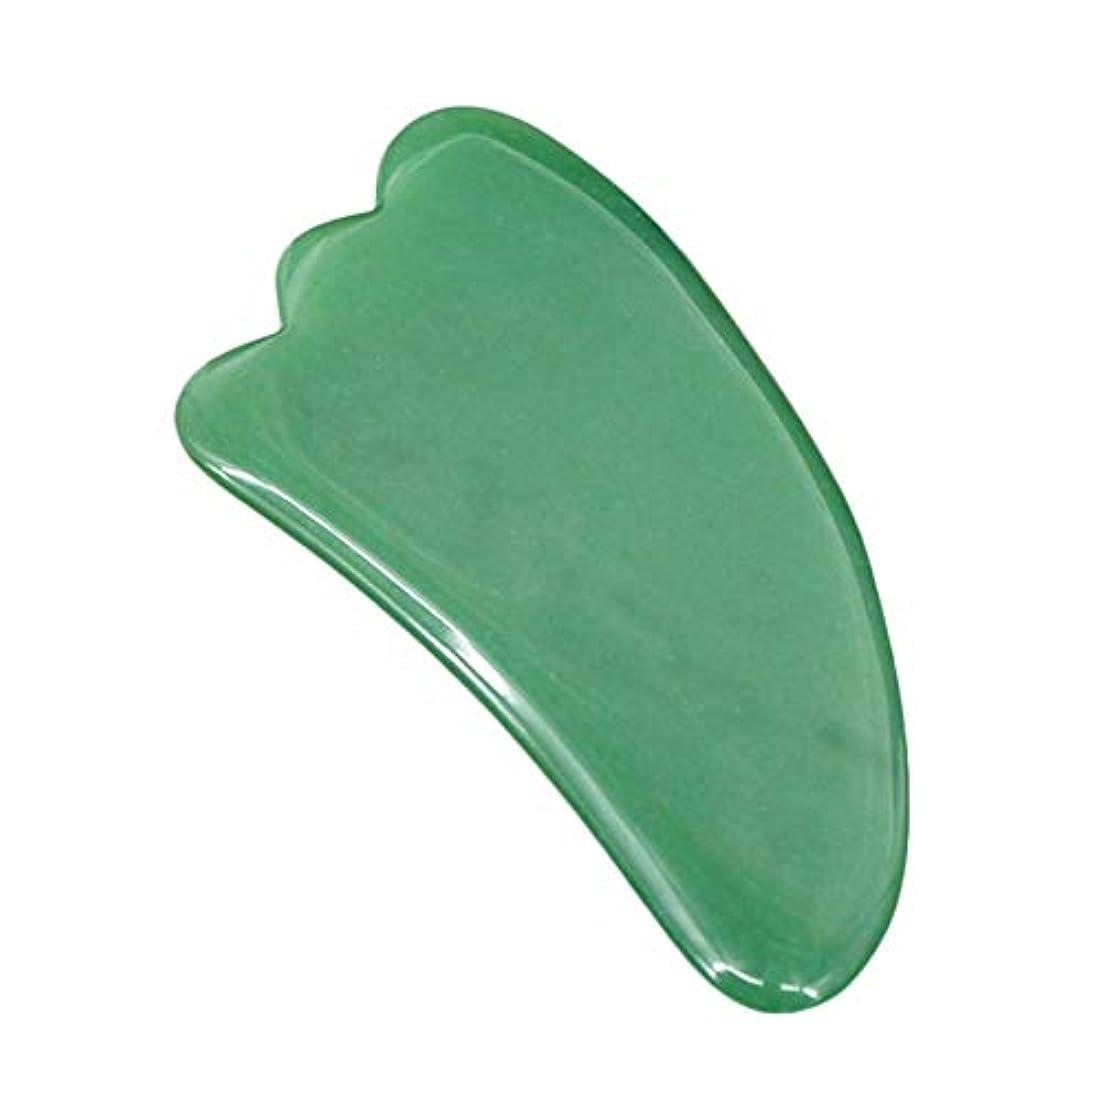 混乱した貸し手許容コンパクトサイズGua Shaフェイシャルトリートメントマッサージツール中国の天然玉掻き取りツールマッサージ癒しのツール - グリーン